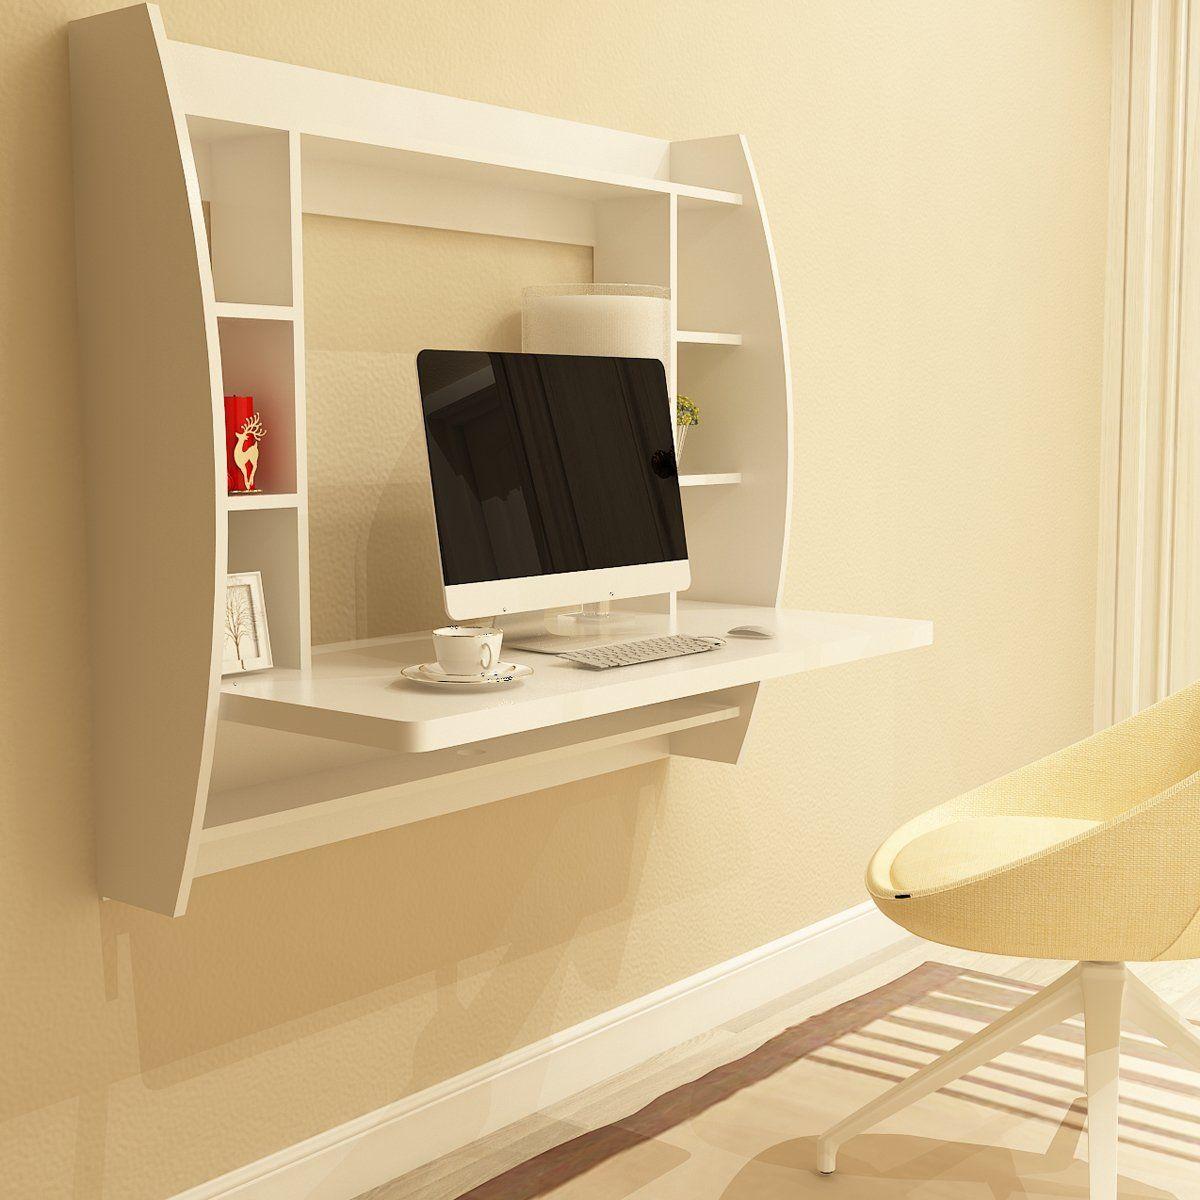 Wall Mounted Floating Desk With Storage Shelves White Desk Storage Home Office Computer Desk Floating Desk